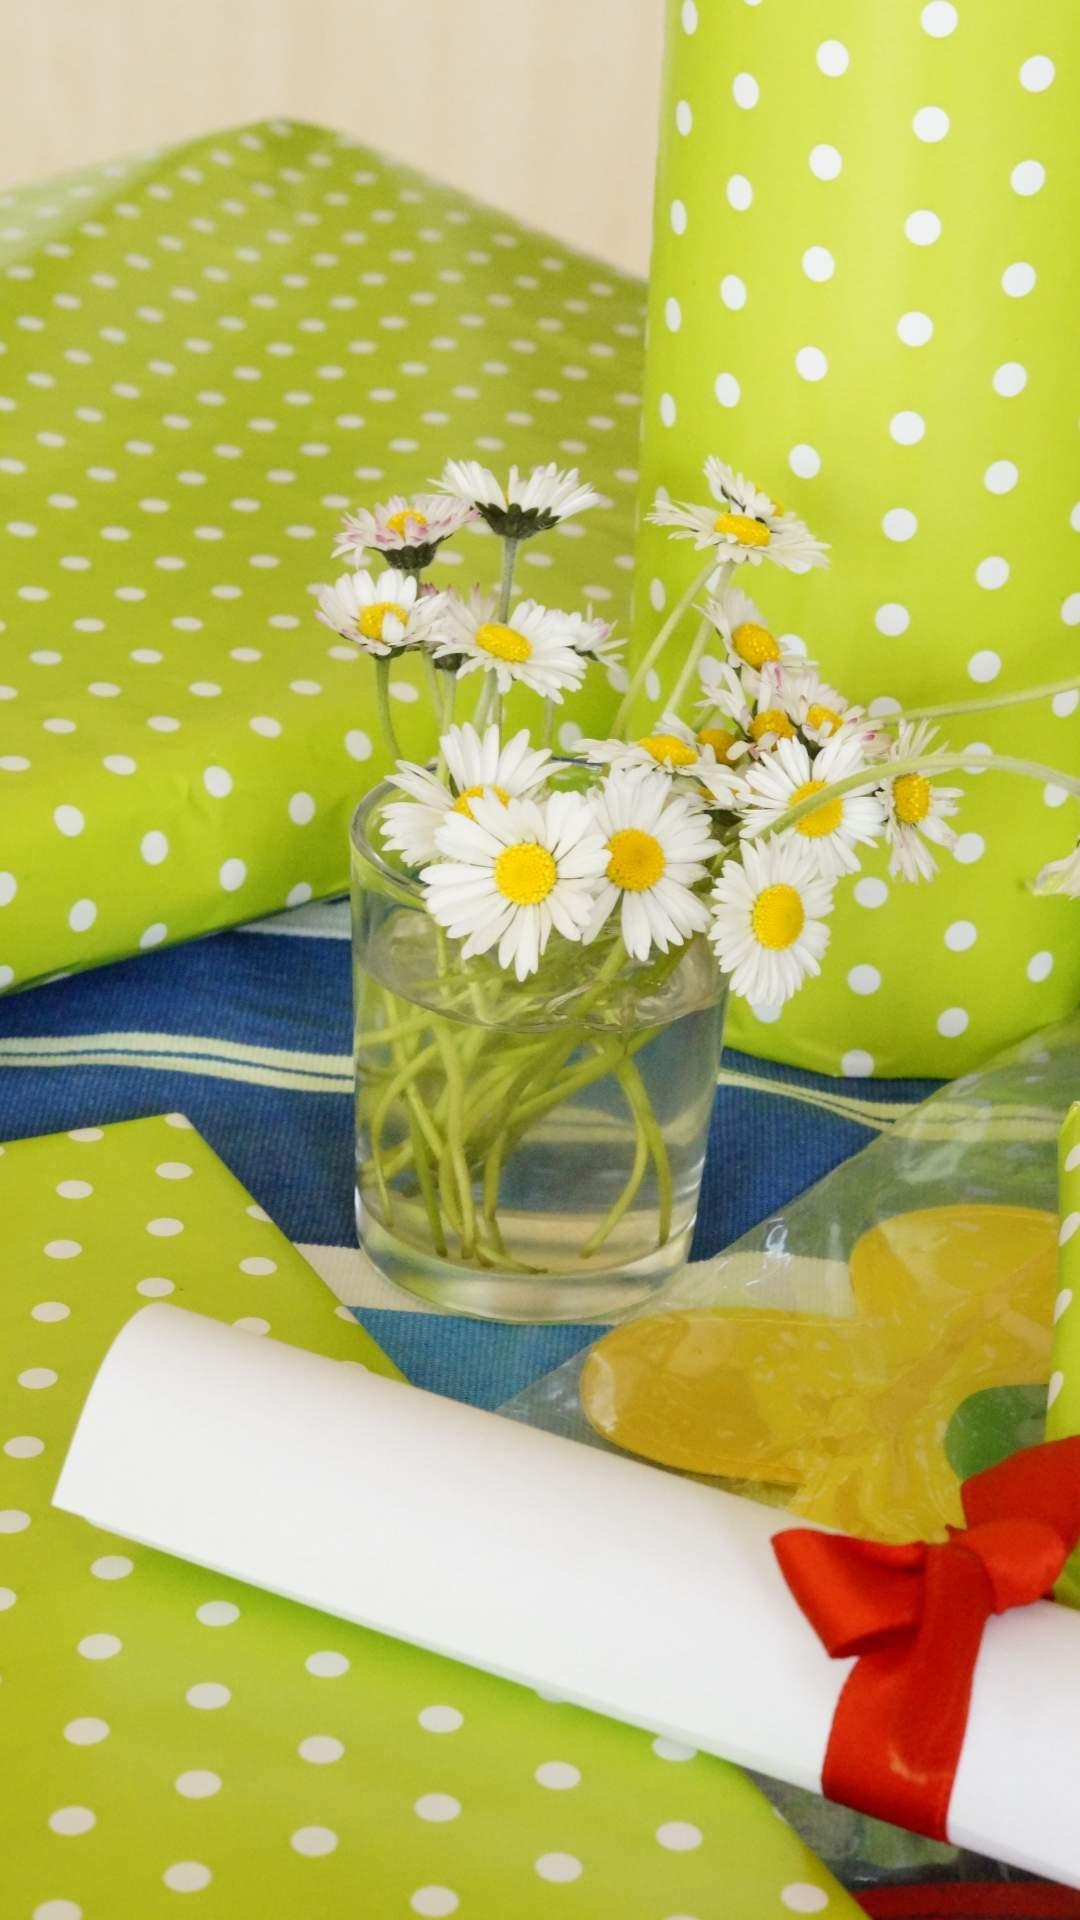 グリーンドットの背景と花